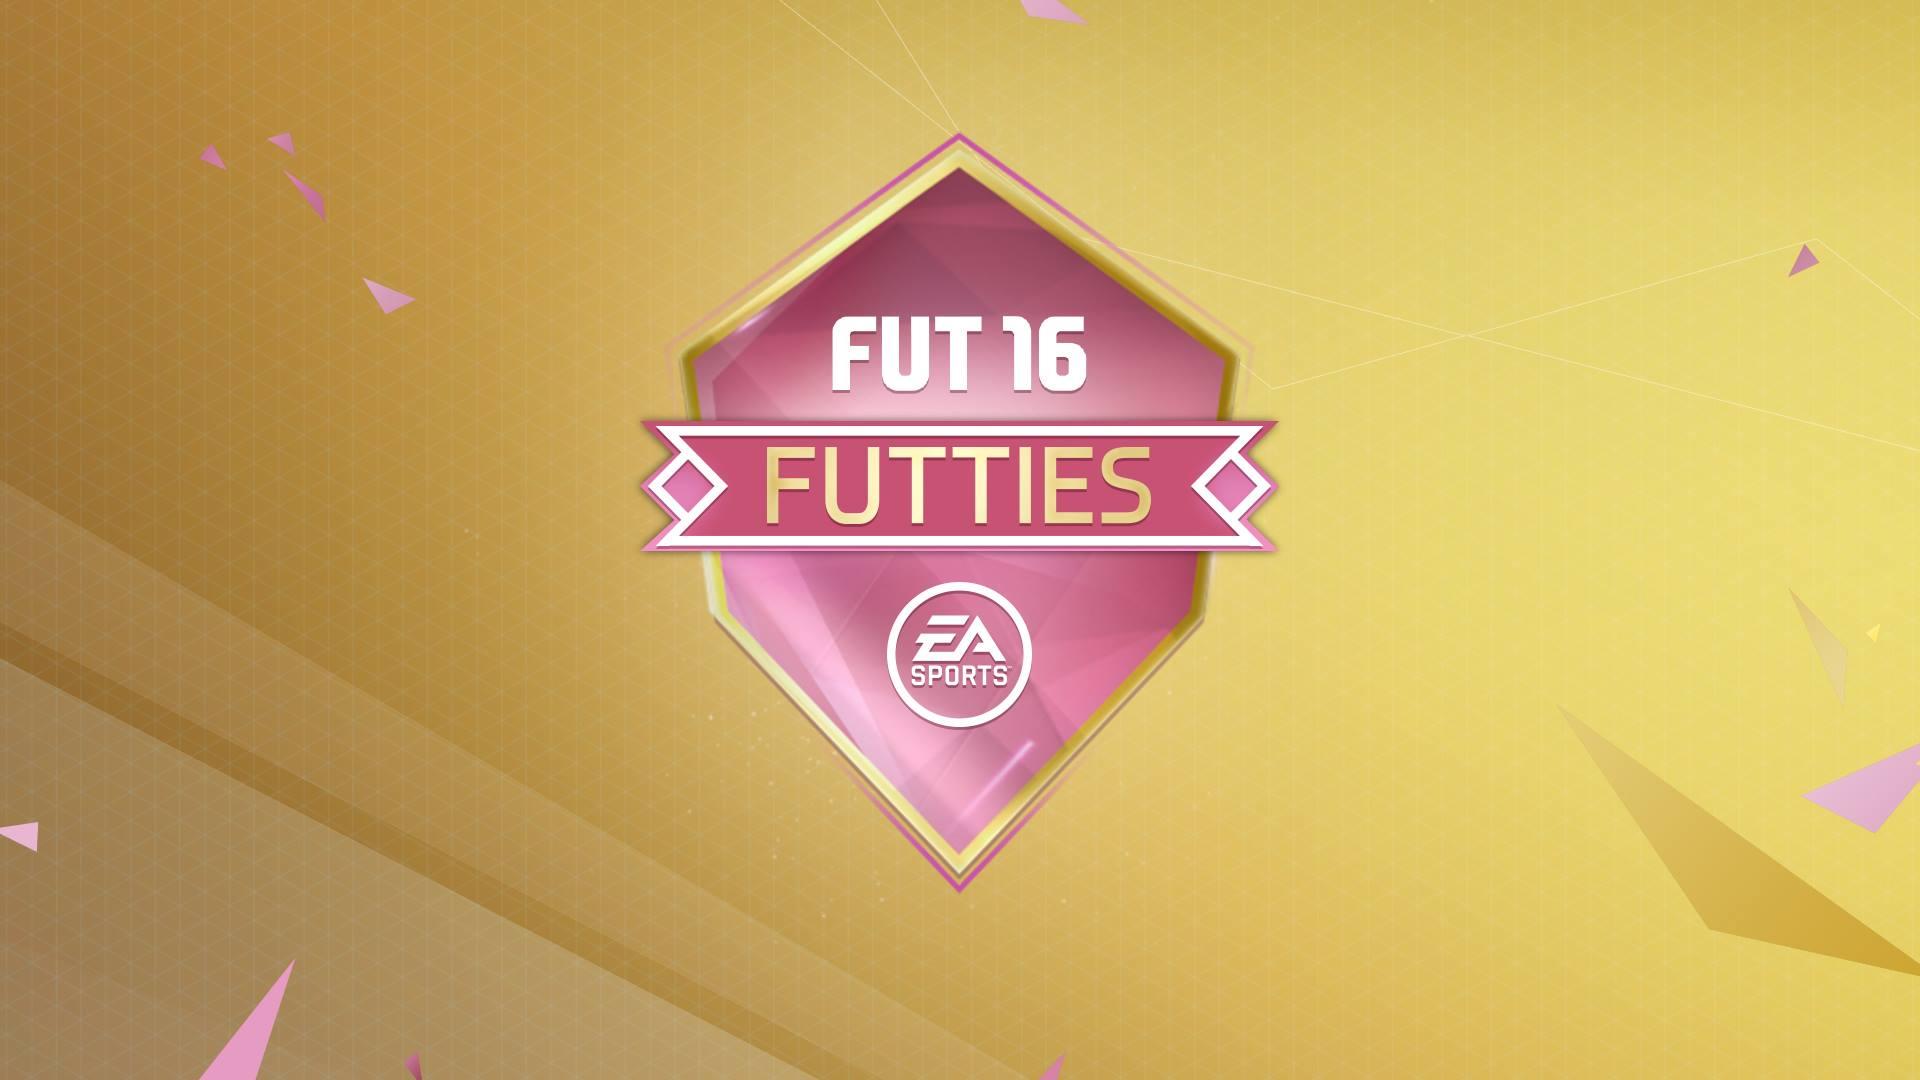 FIFA 16: Die FUTTIES sind zurück! 44 Nominierungen stehen zur Wahl